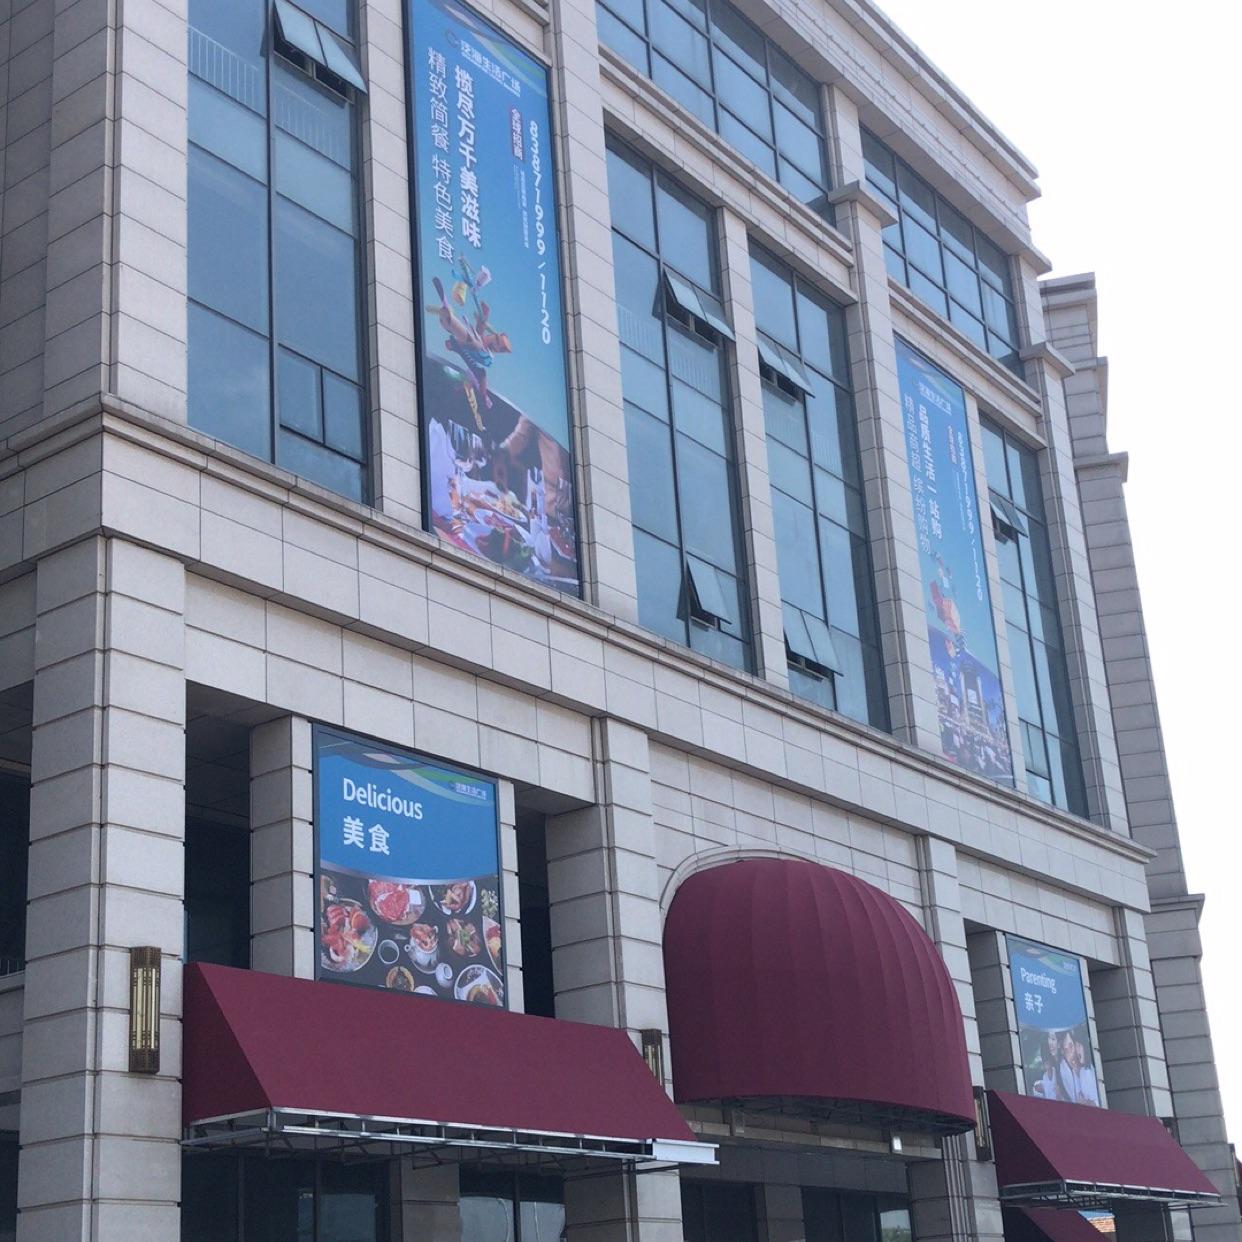 武汉泛海生活广场